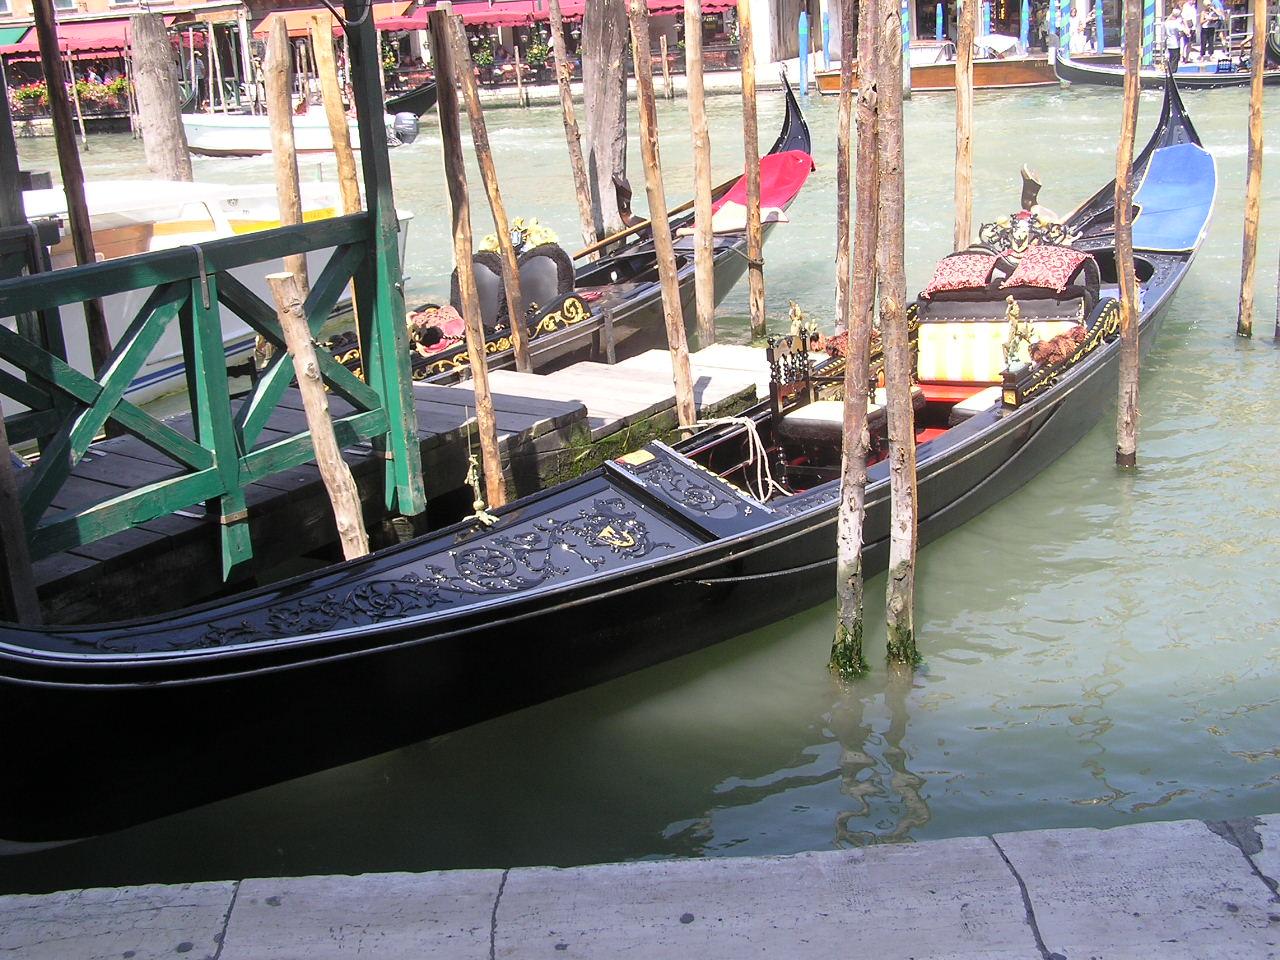 World Travel  Venice Beatiful Gondola Best Images